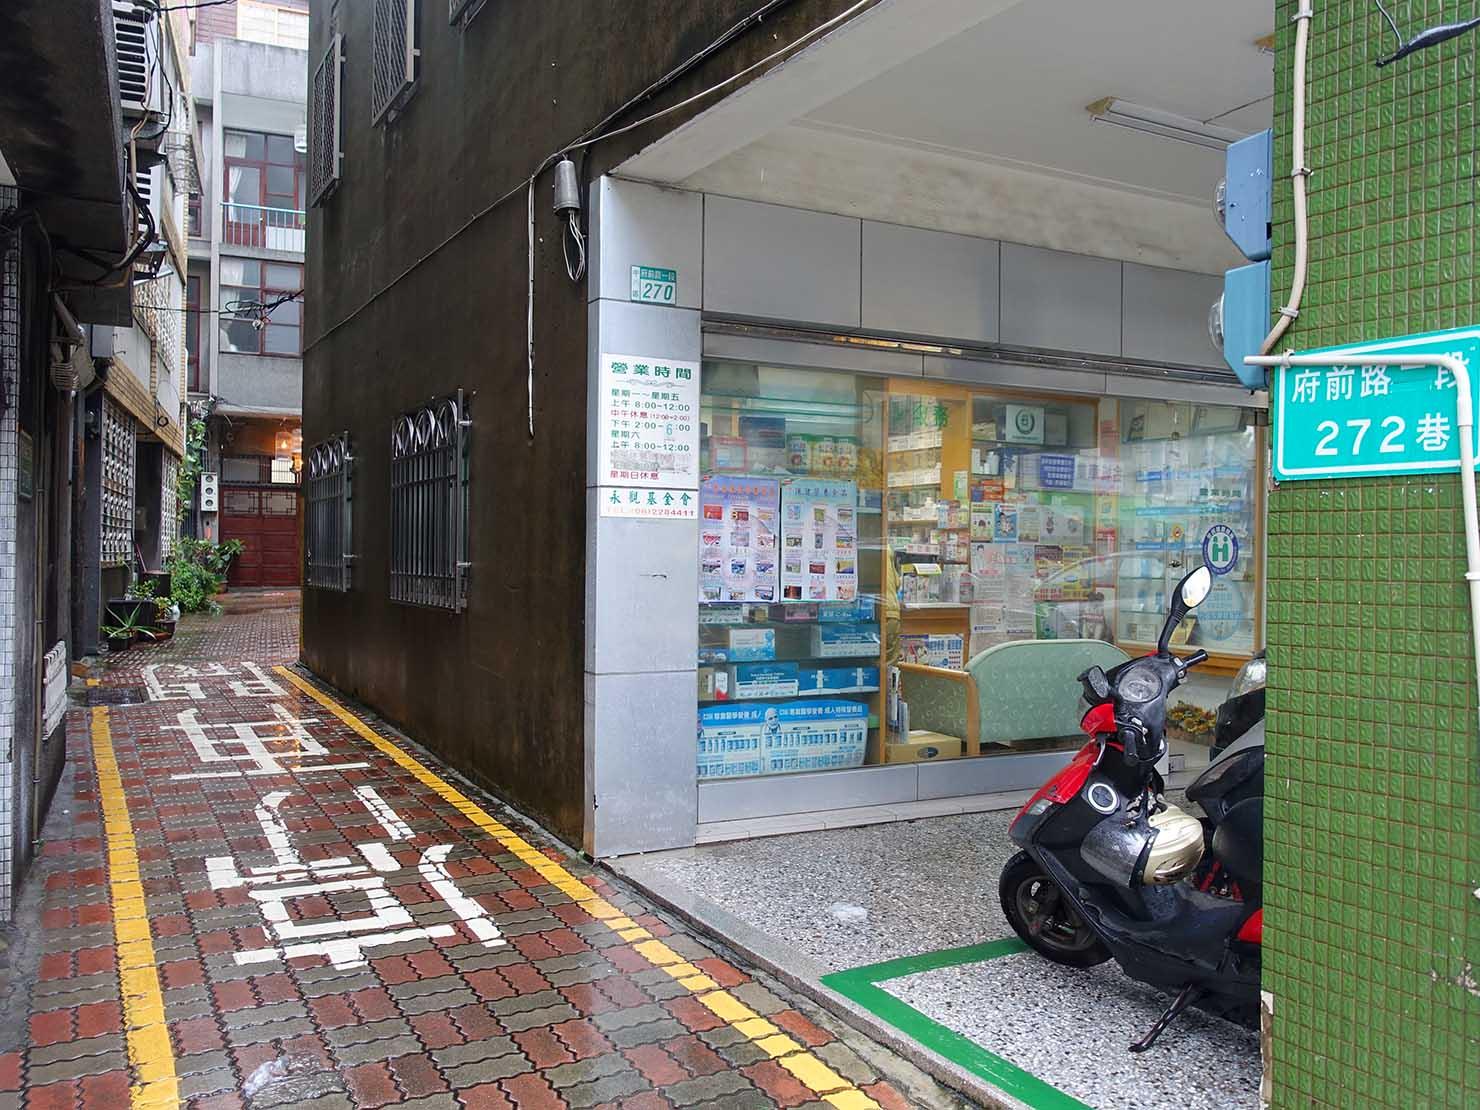 台南「府城路一段272巷」